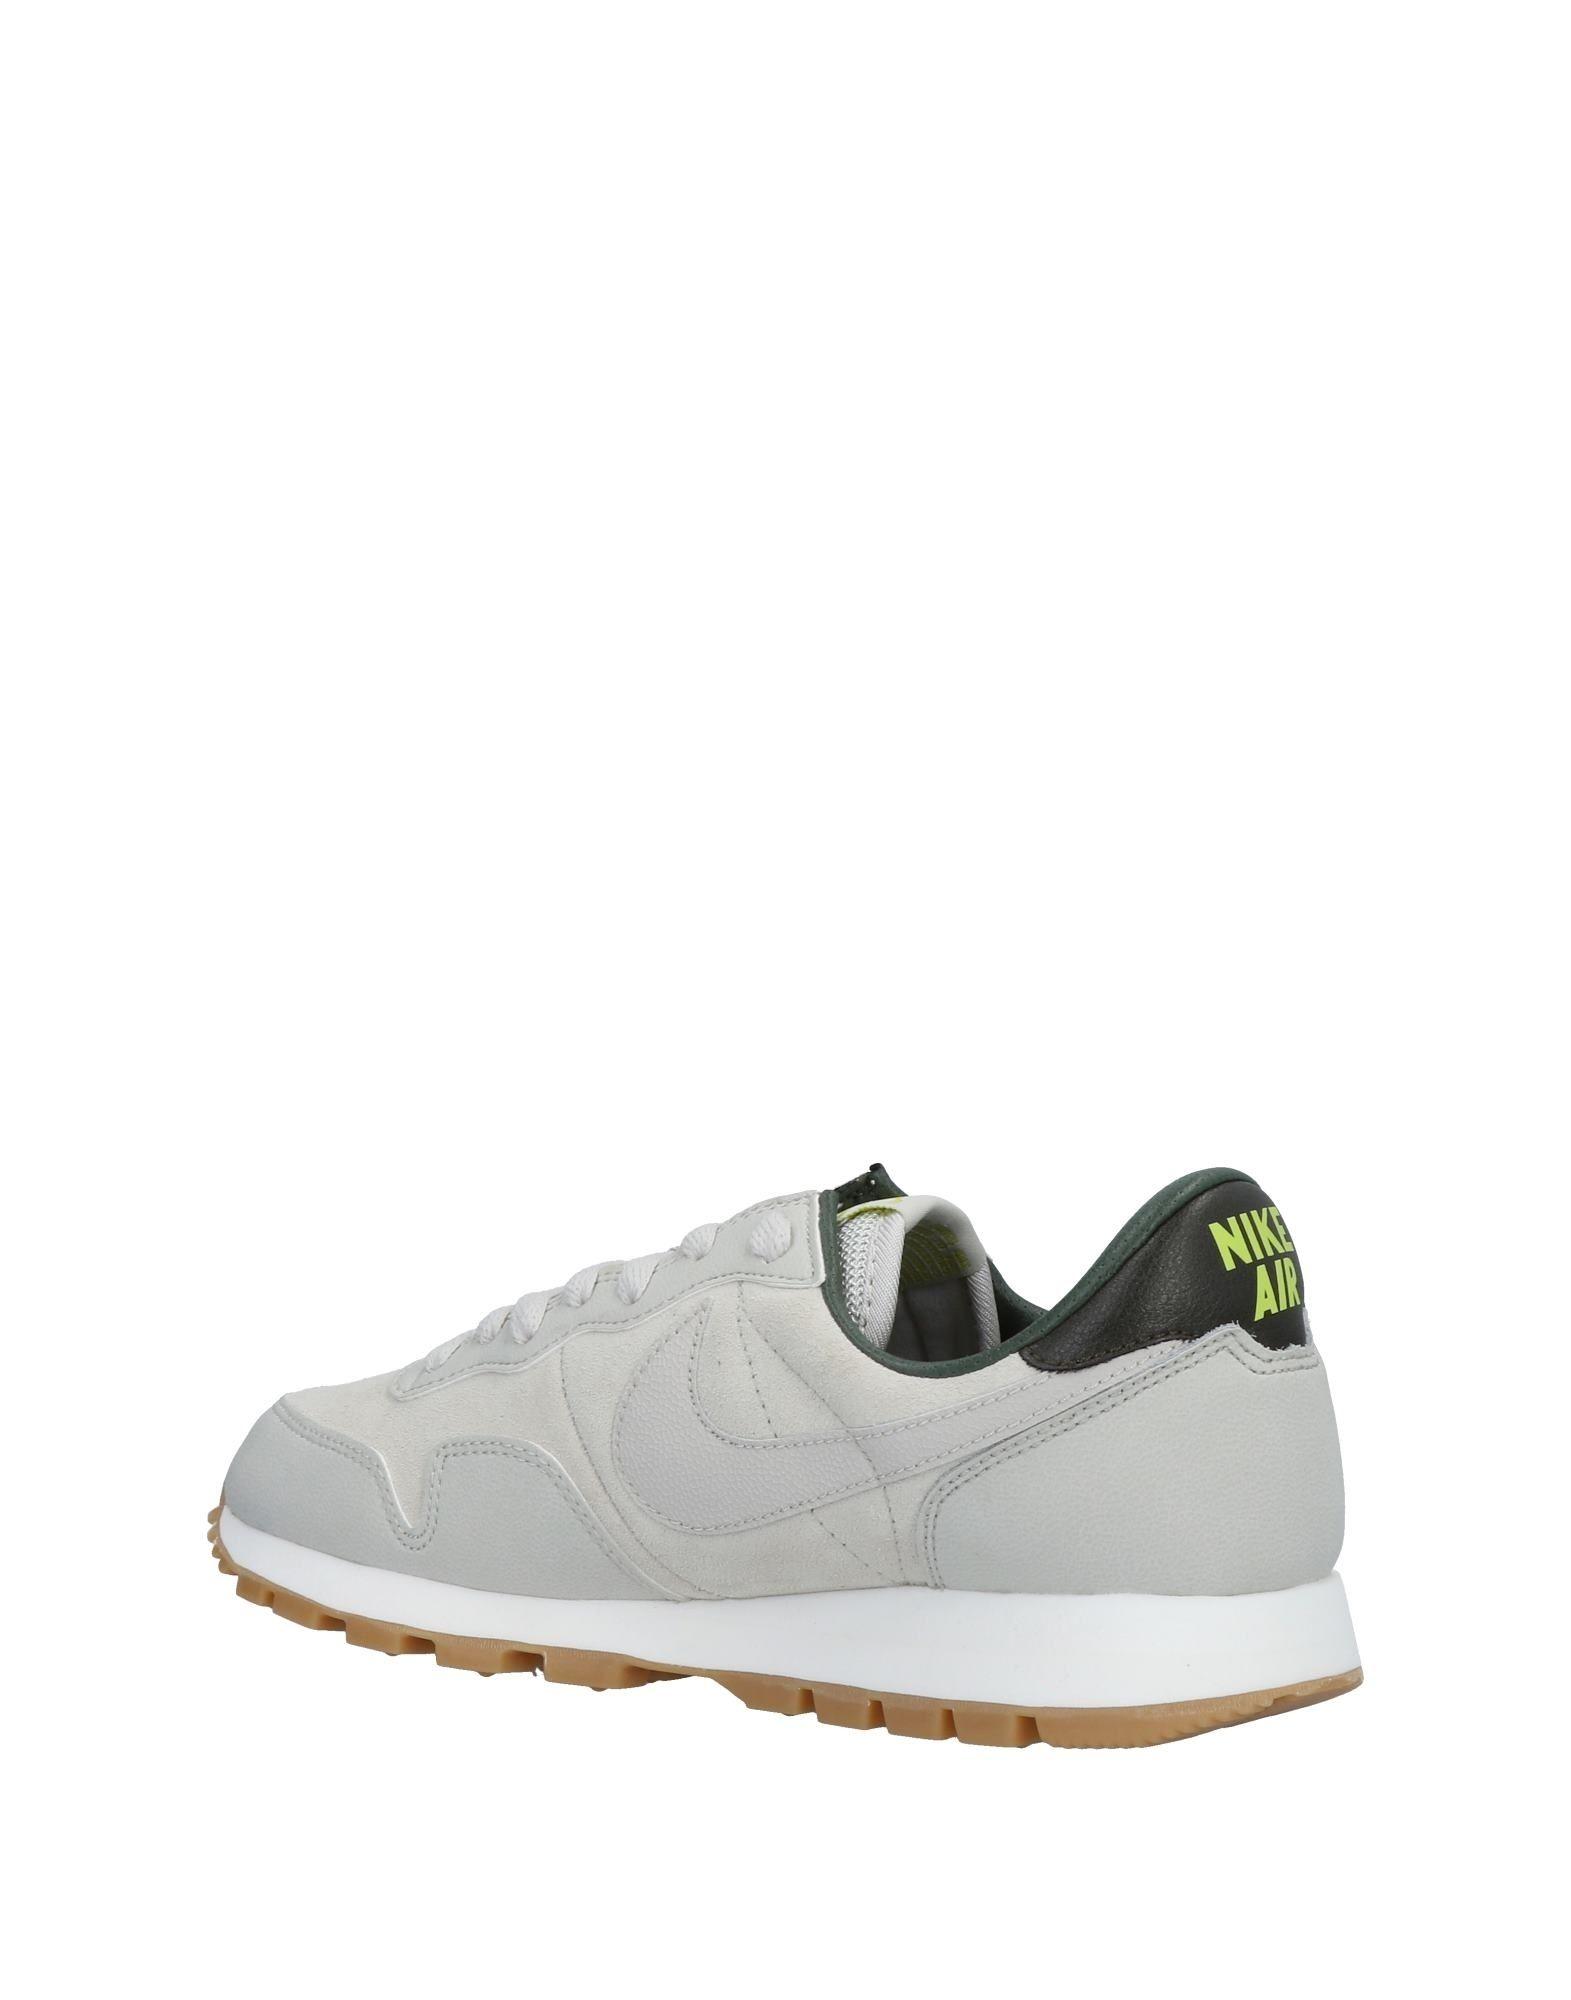 Nike Sneakers Damen Damen Sneakers  11476353BF d7bbae